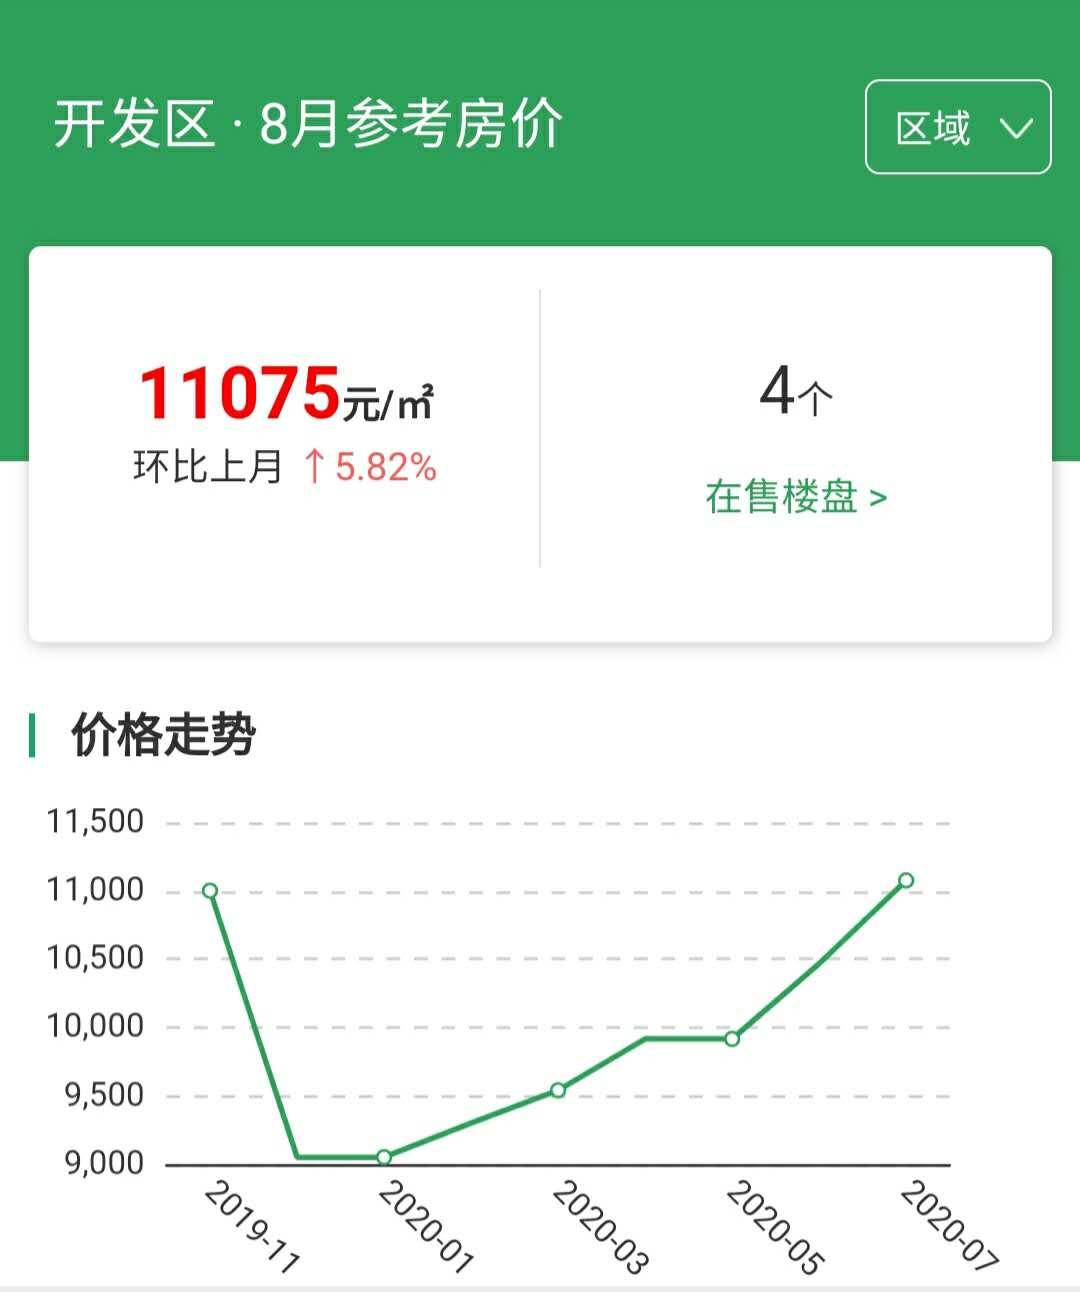 涿州开发区房价走势图